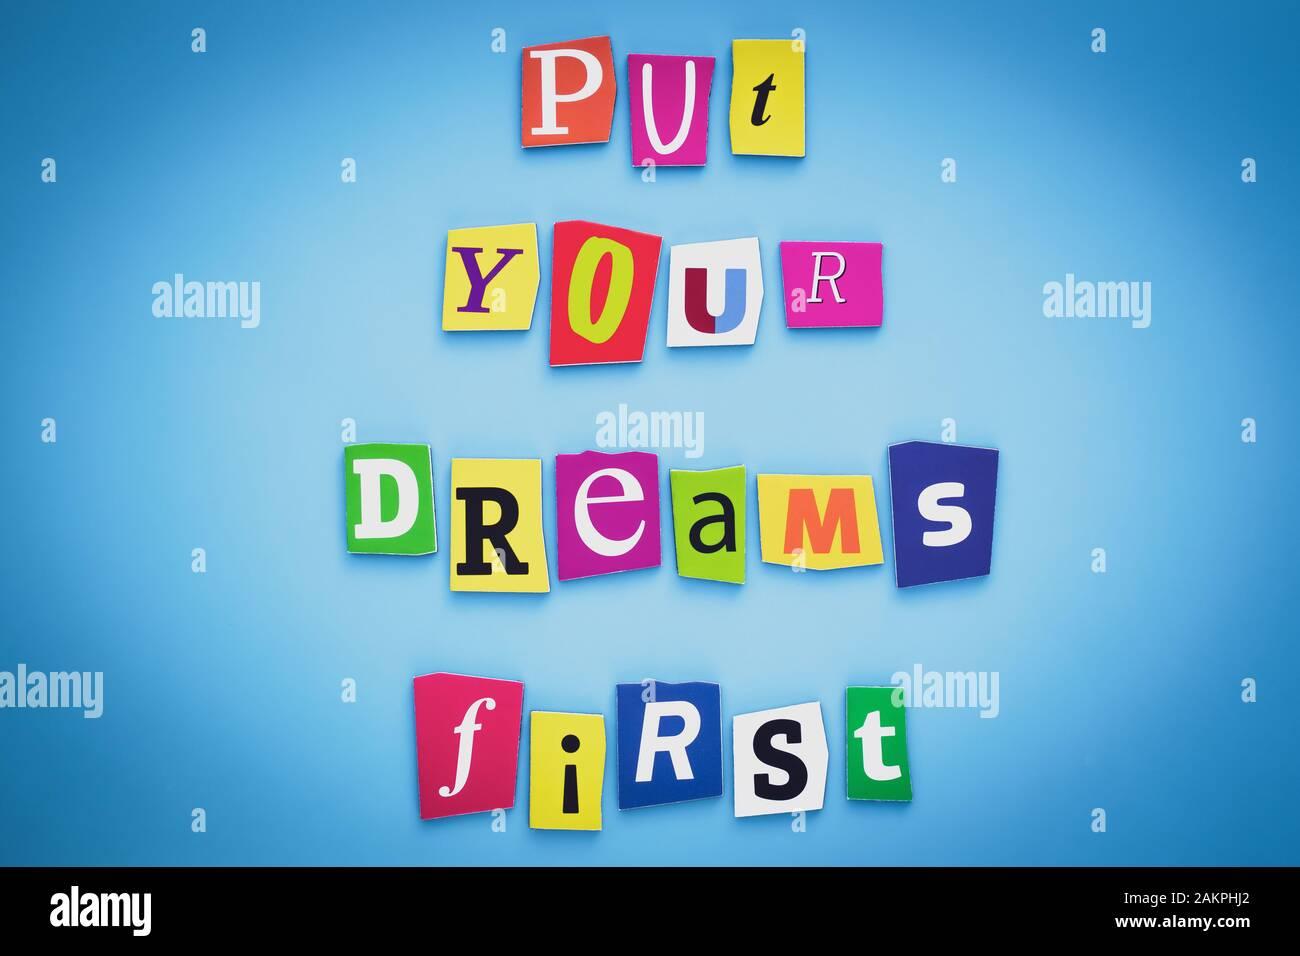 Setzen Sie Ihre Träume an die erste Stelle. Positives Denkkonzept. Text aus geschnittenen bunten Buchstaben auf blauem Hintergrund. Schreiben auf Banner, Karte. Beschriftung, Nachricht auf po Stockfoto